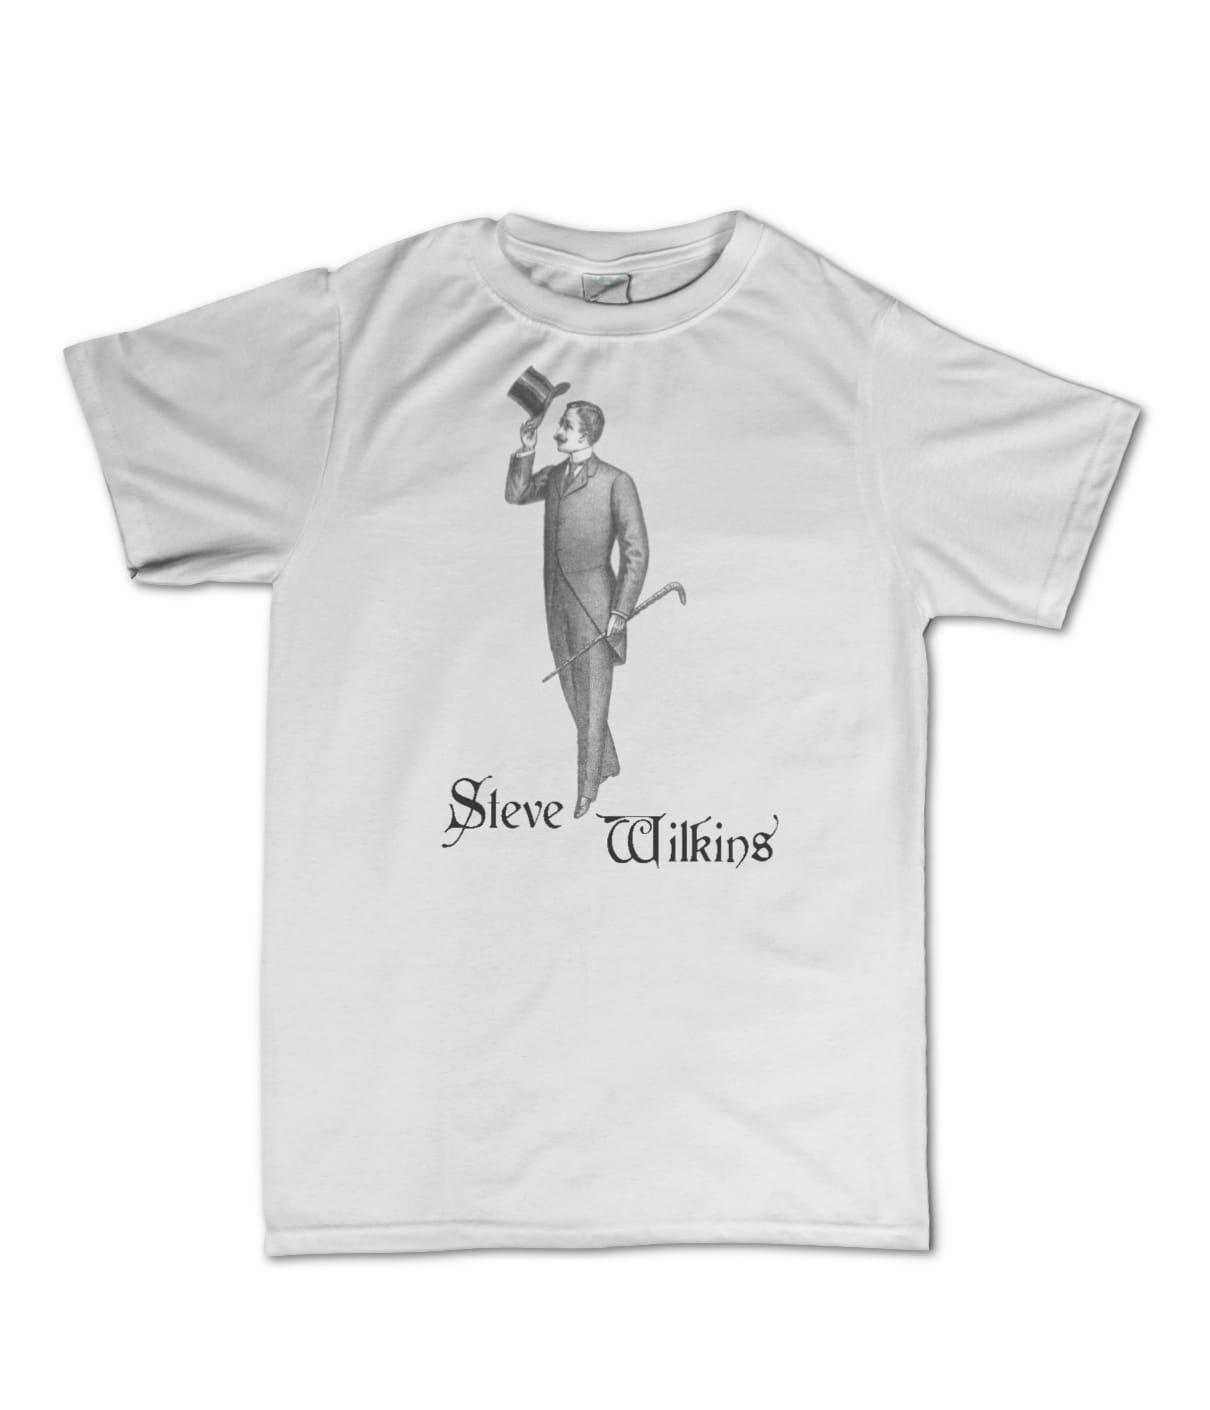 Steve wilkins steve wilkins gent 1517543454